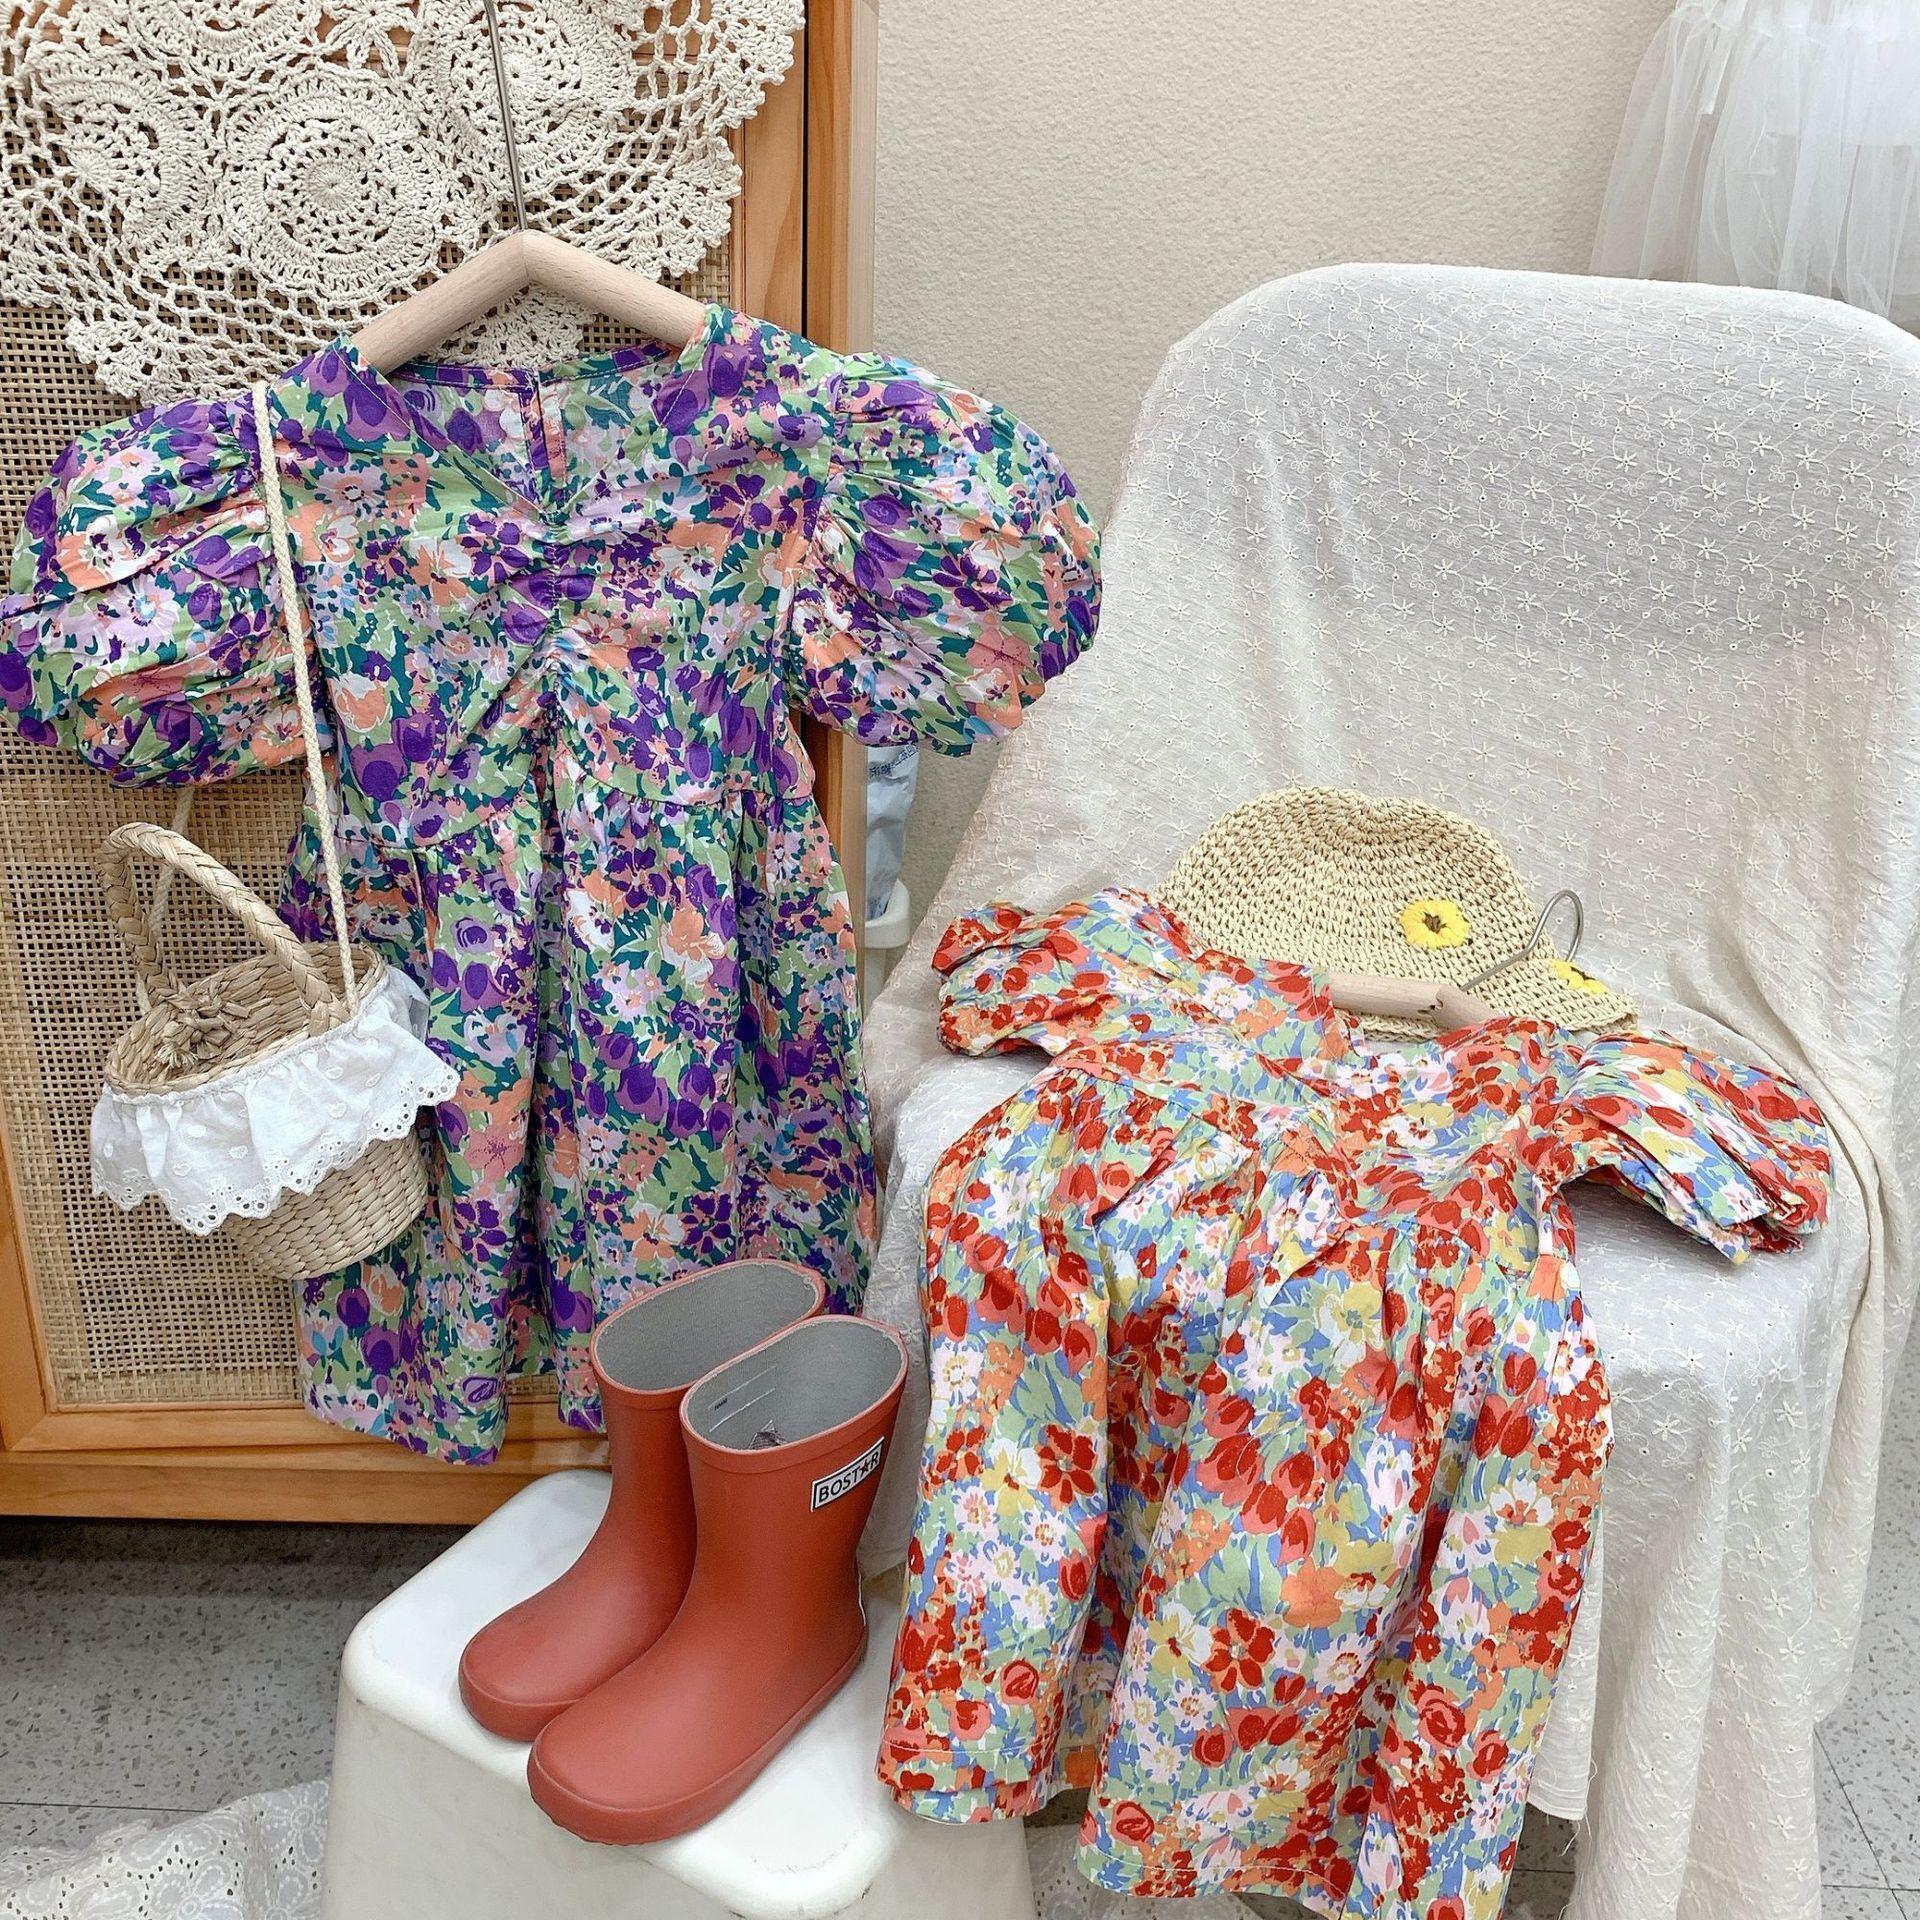 【夏物SALE】20%off 花柄ワンピース コットンドレス 2021SS 春夏 韓国子供服